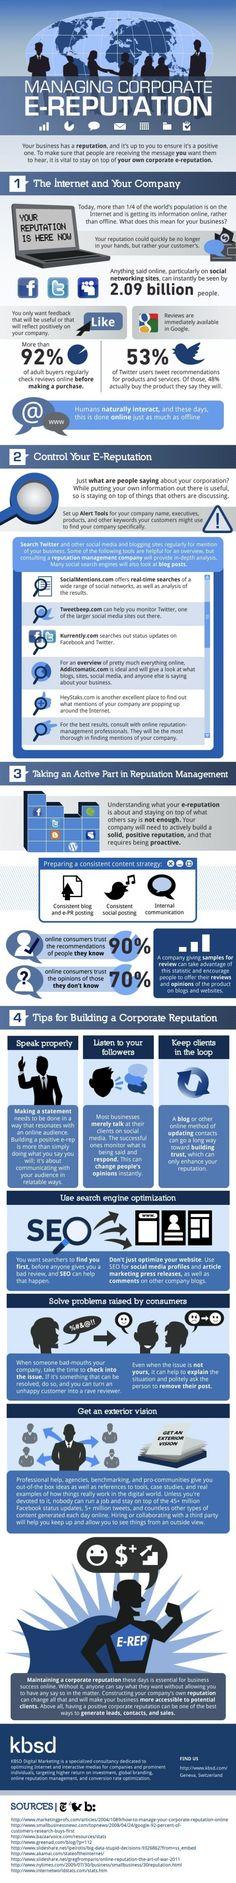 Reputación Online de las empresas #marketing #MarketingDigital